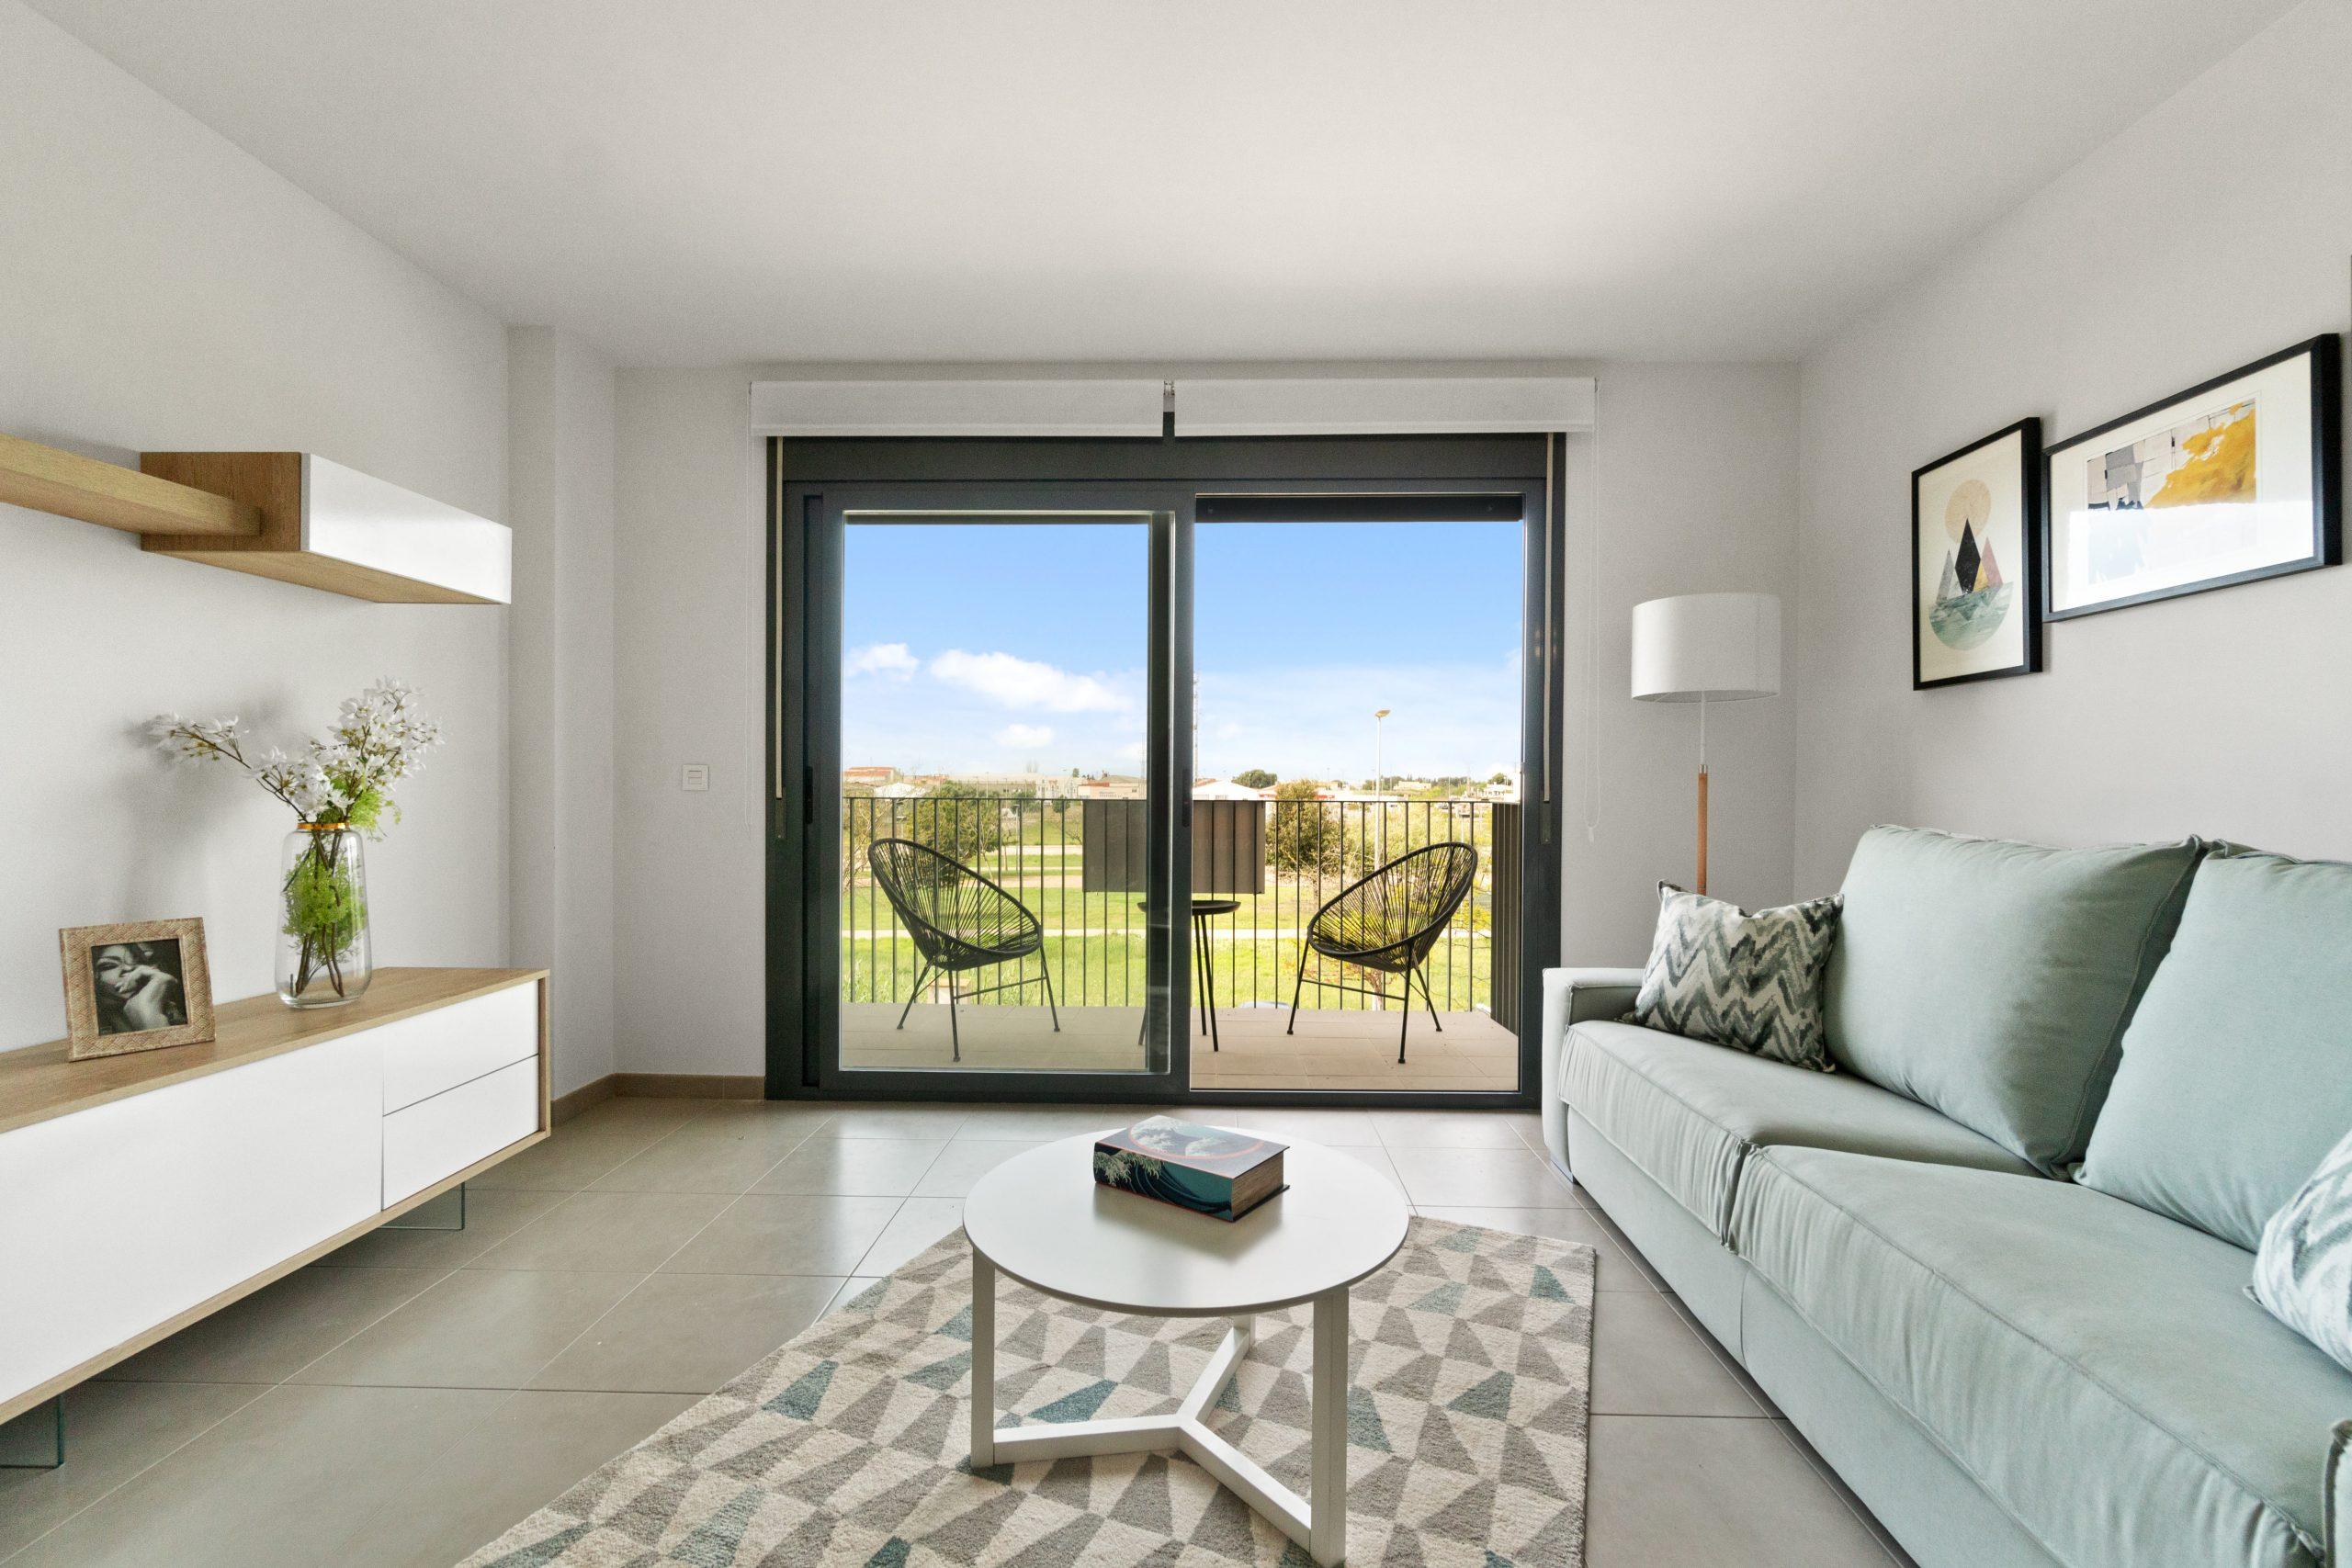 Vista Salón y Terraza piso nuevo vinaròs